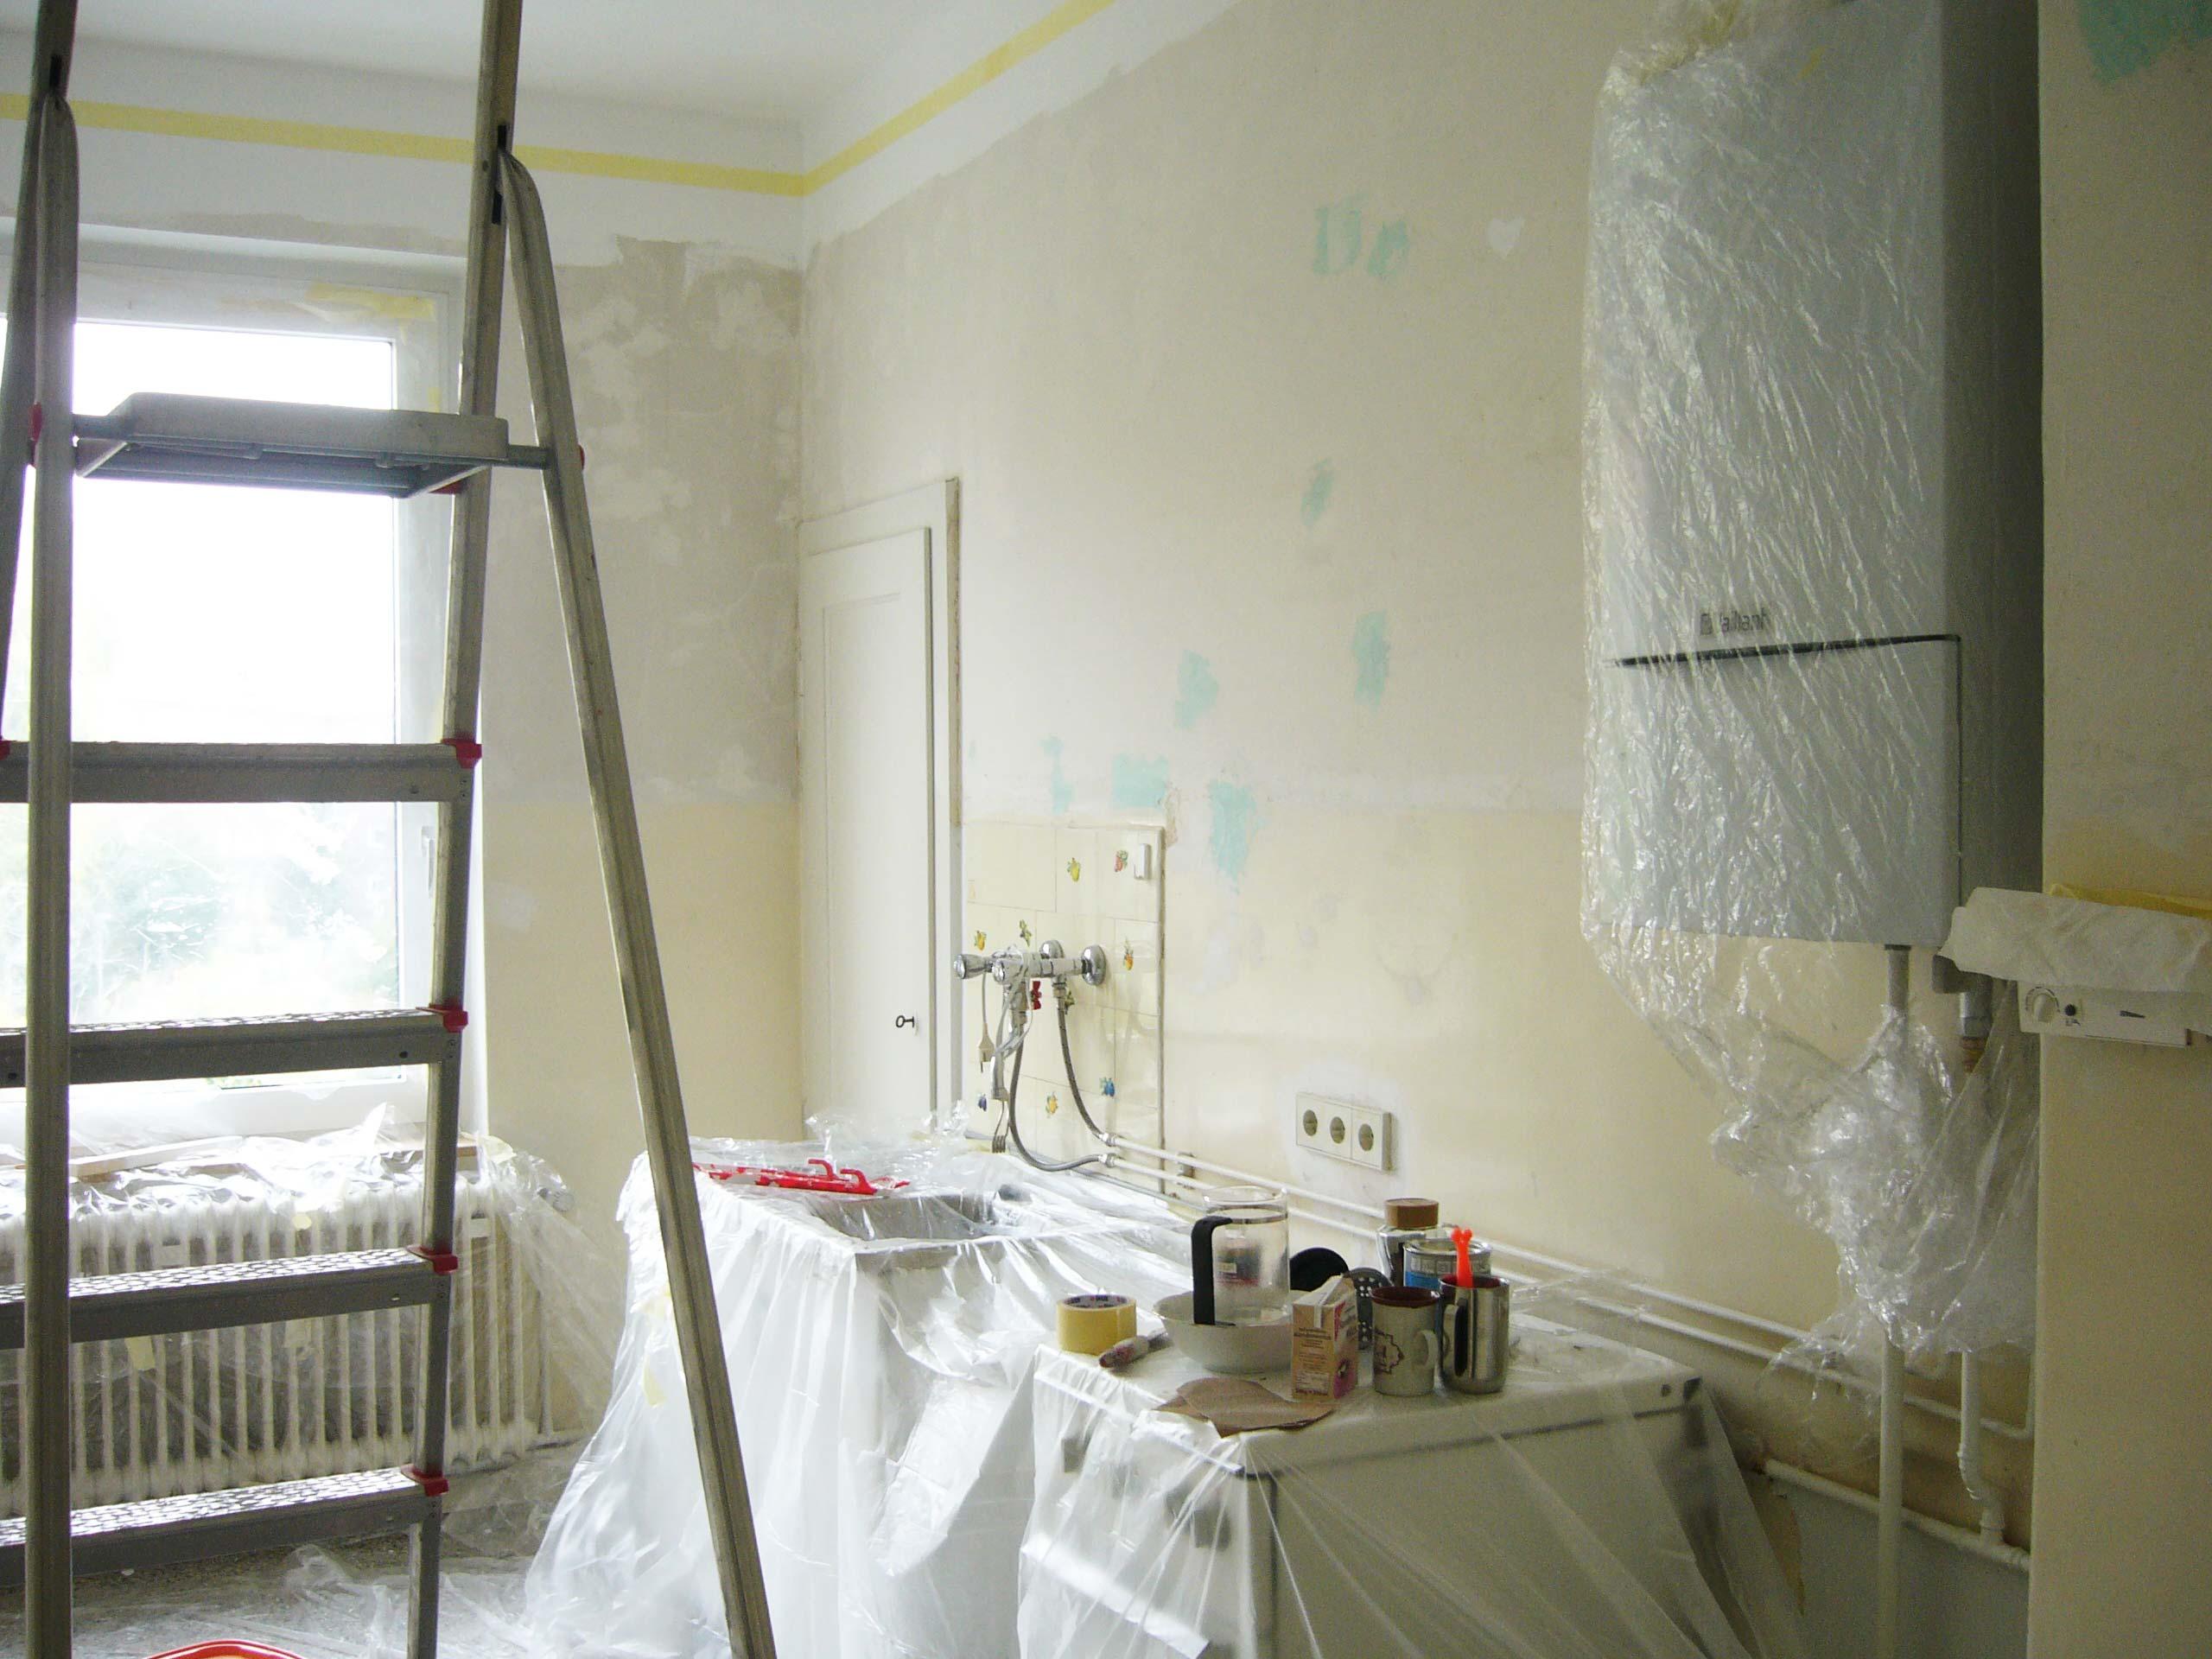 Umbau einer Küche nach Küchenphilosophie Leiter und Baustelle